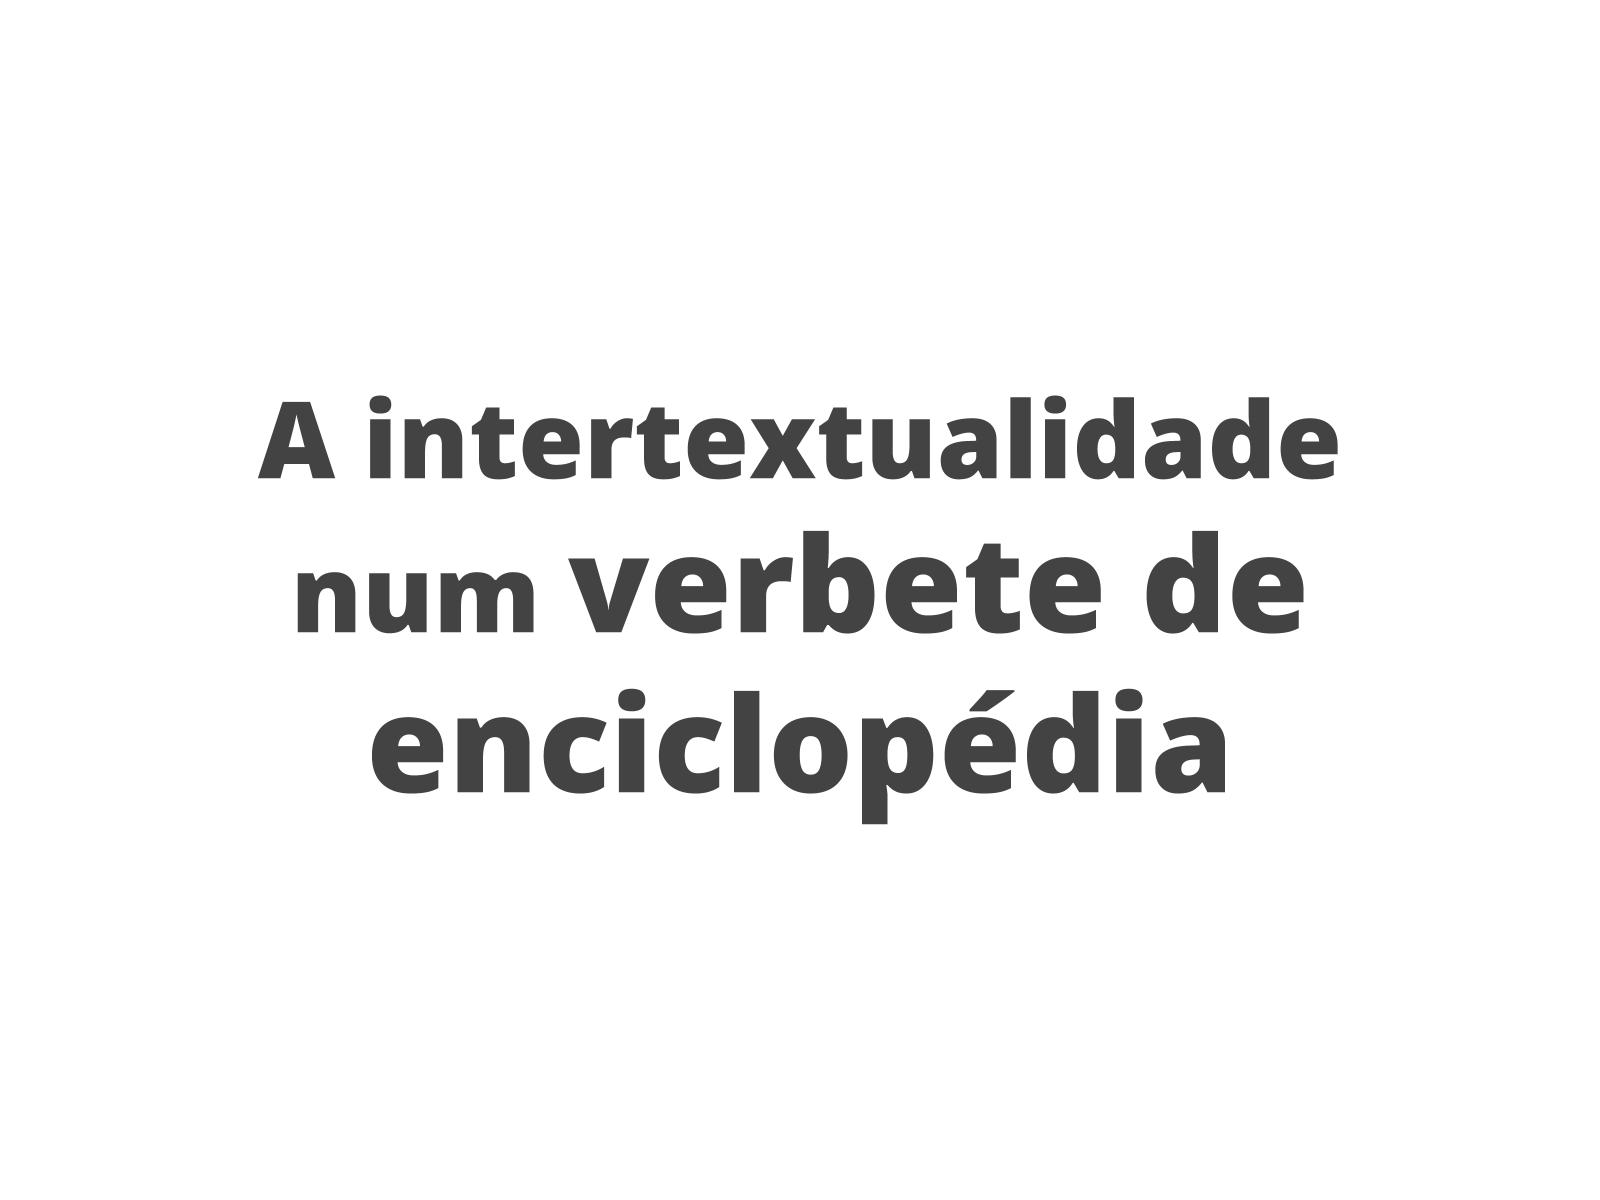 Conhecendo o verbete enciclopédico em detalhes:   a intertextualidade